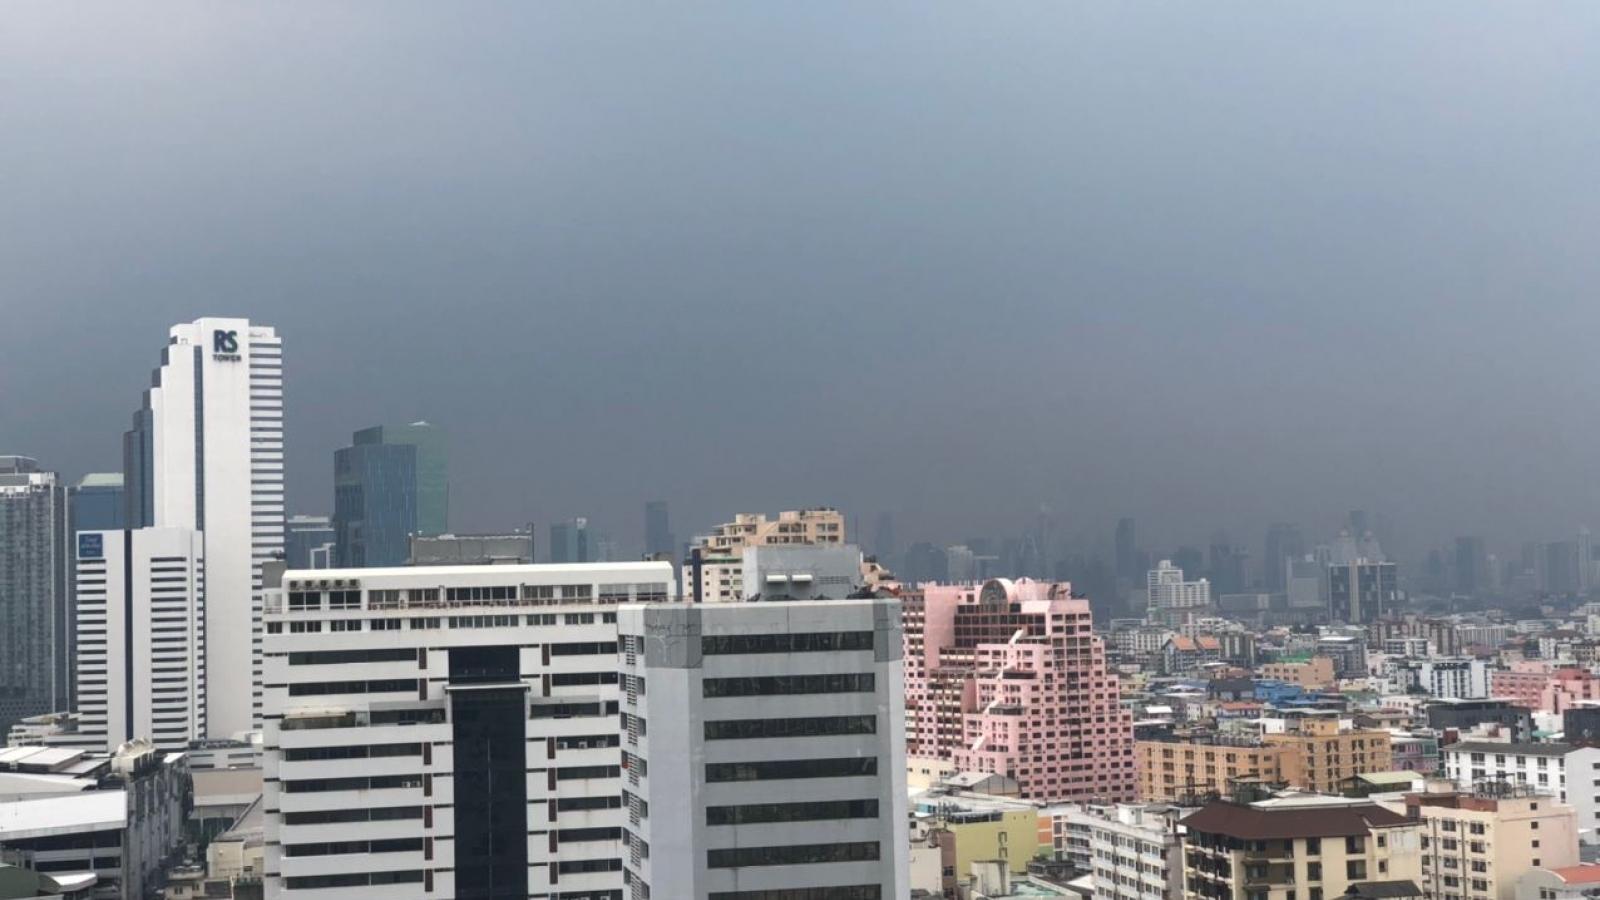 Thủ đô của Thái Lan hứng chịu ô nhiễm bụi mịn